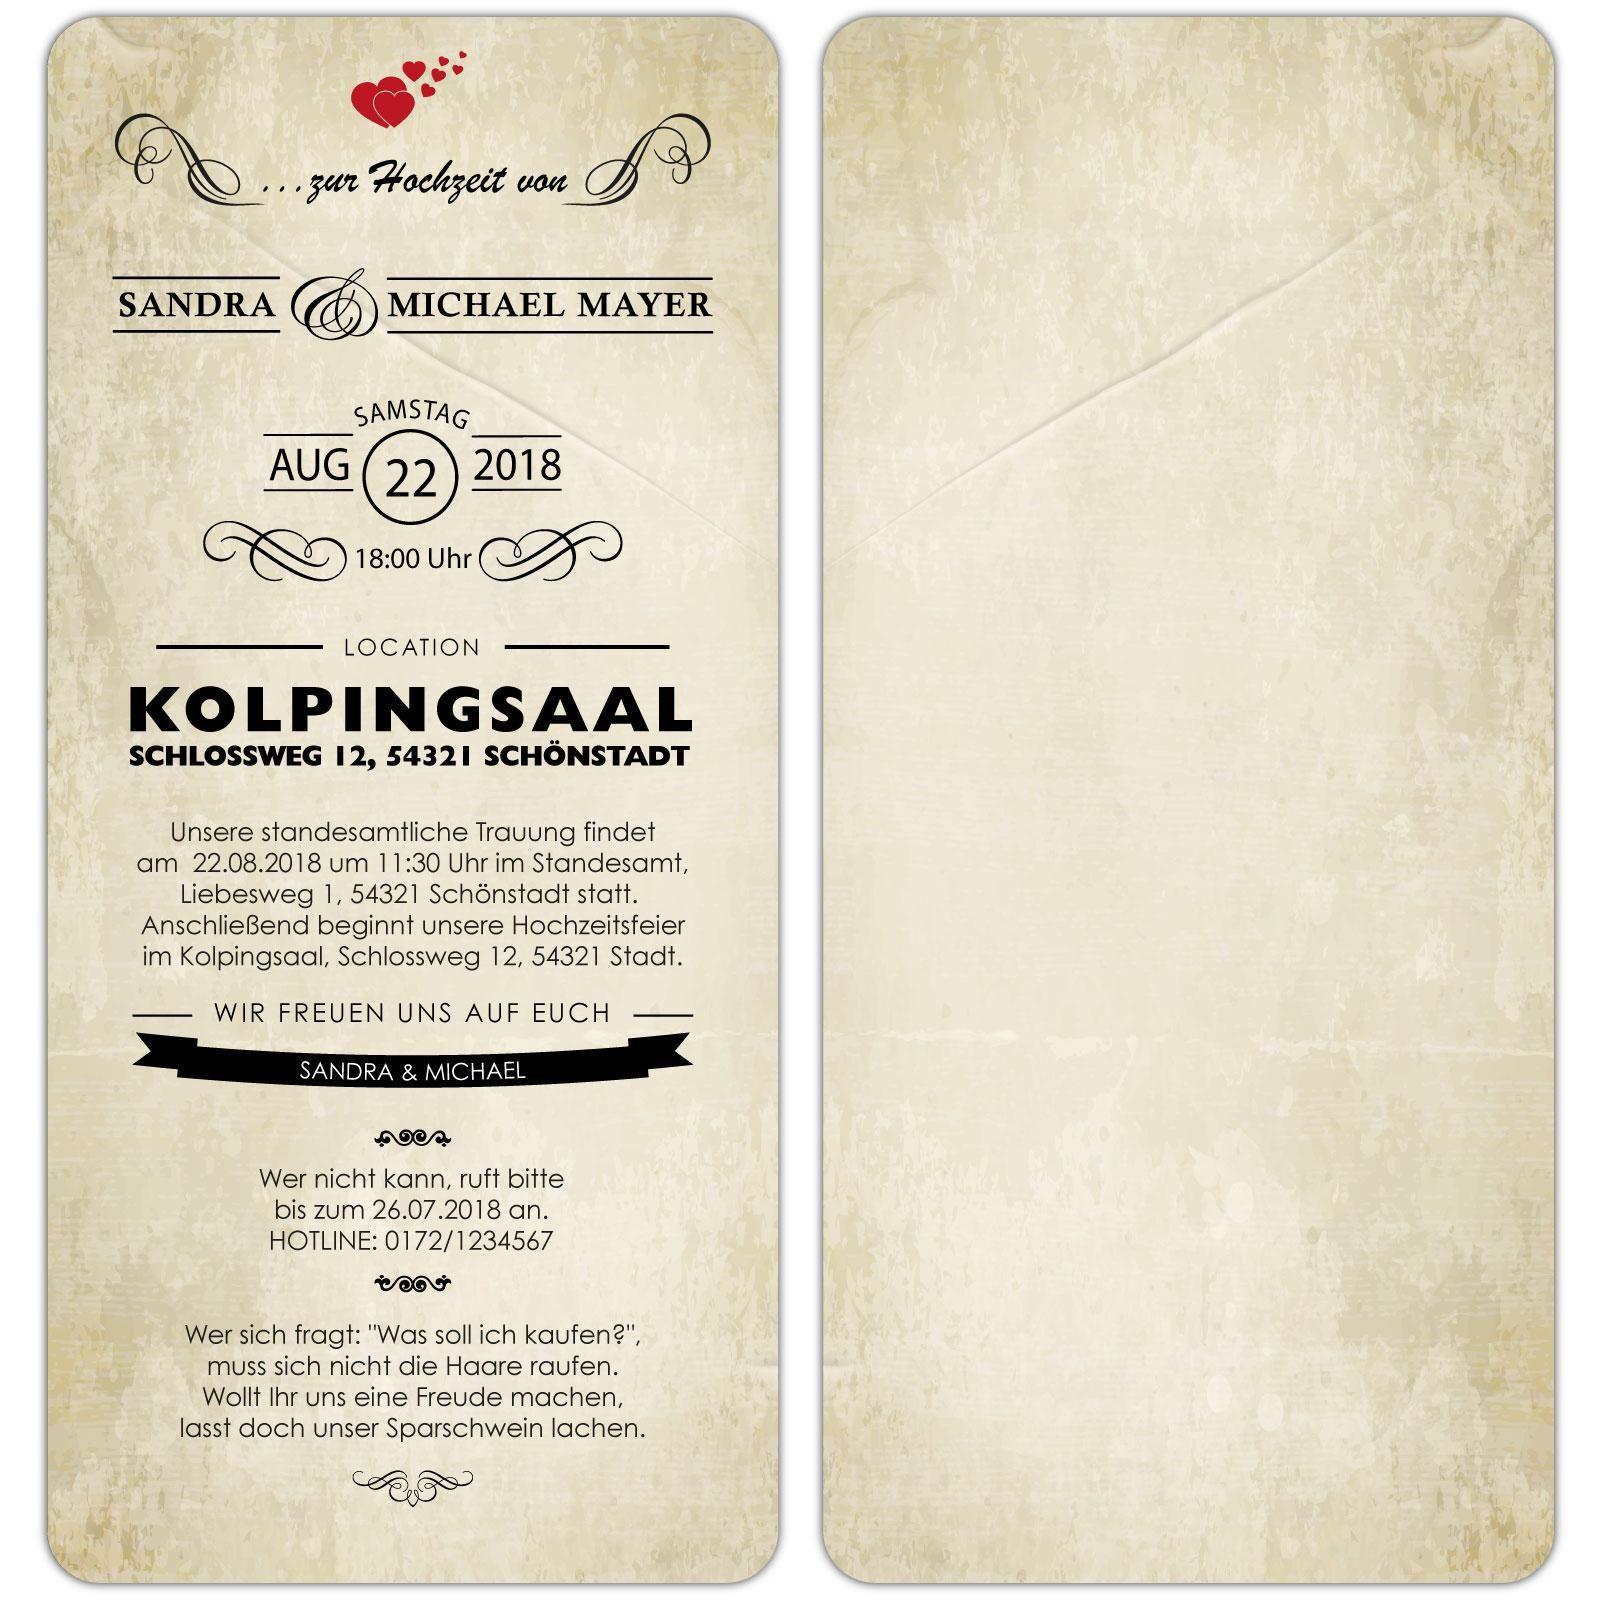 Einladungskarten Hochzeit Text Beispiel Einladungskarten Hochzeit Text Einladungskarten Hochzeit Einladungen Hochzeit